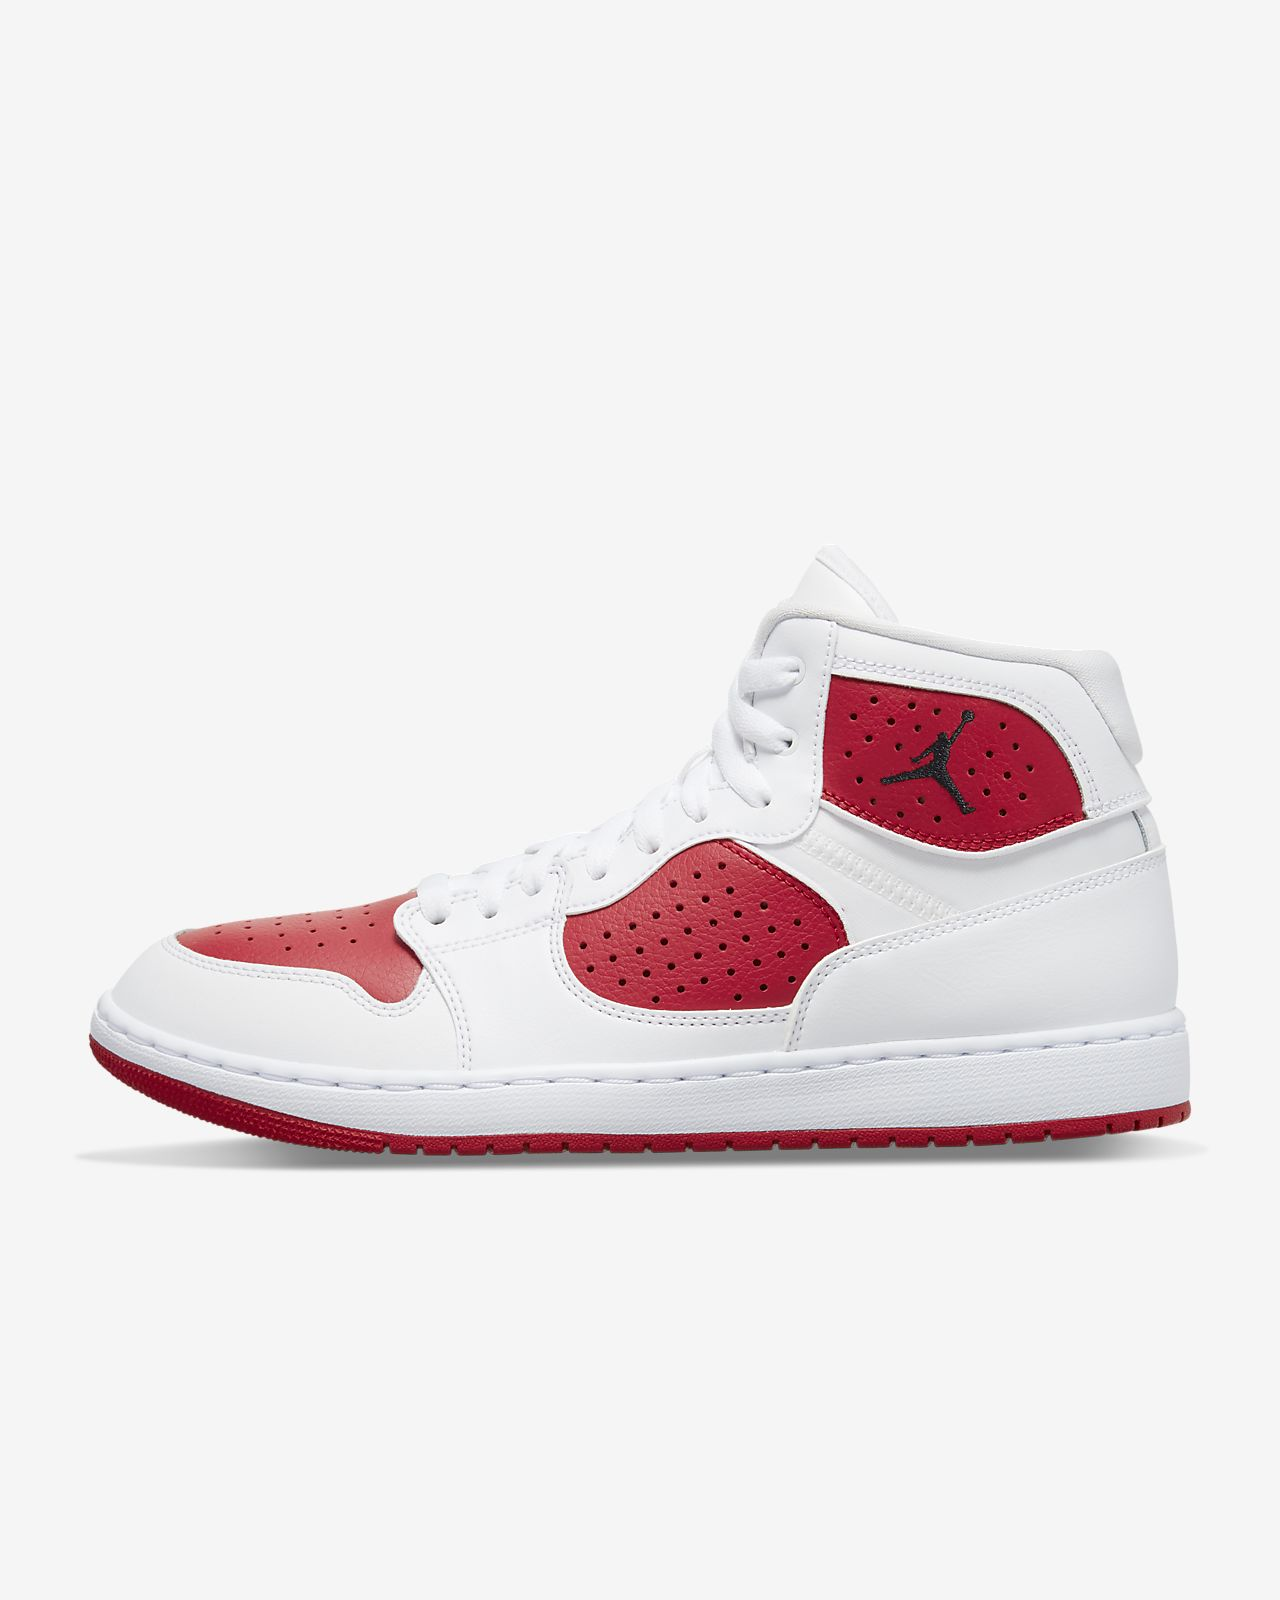 Chaussure Jordan Access pour Homme